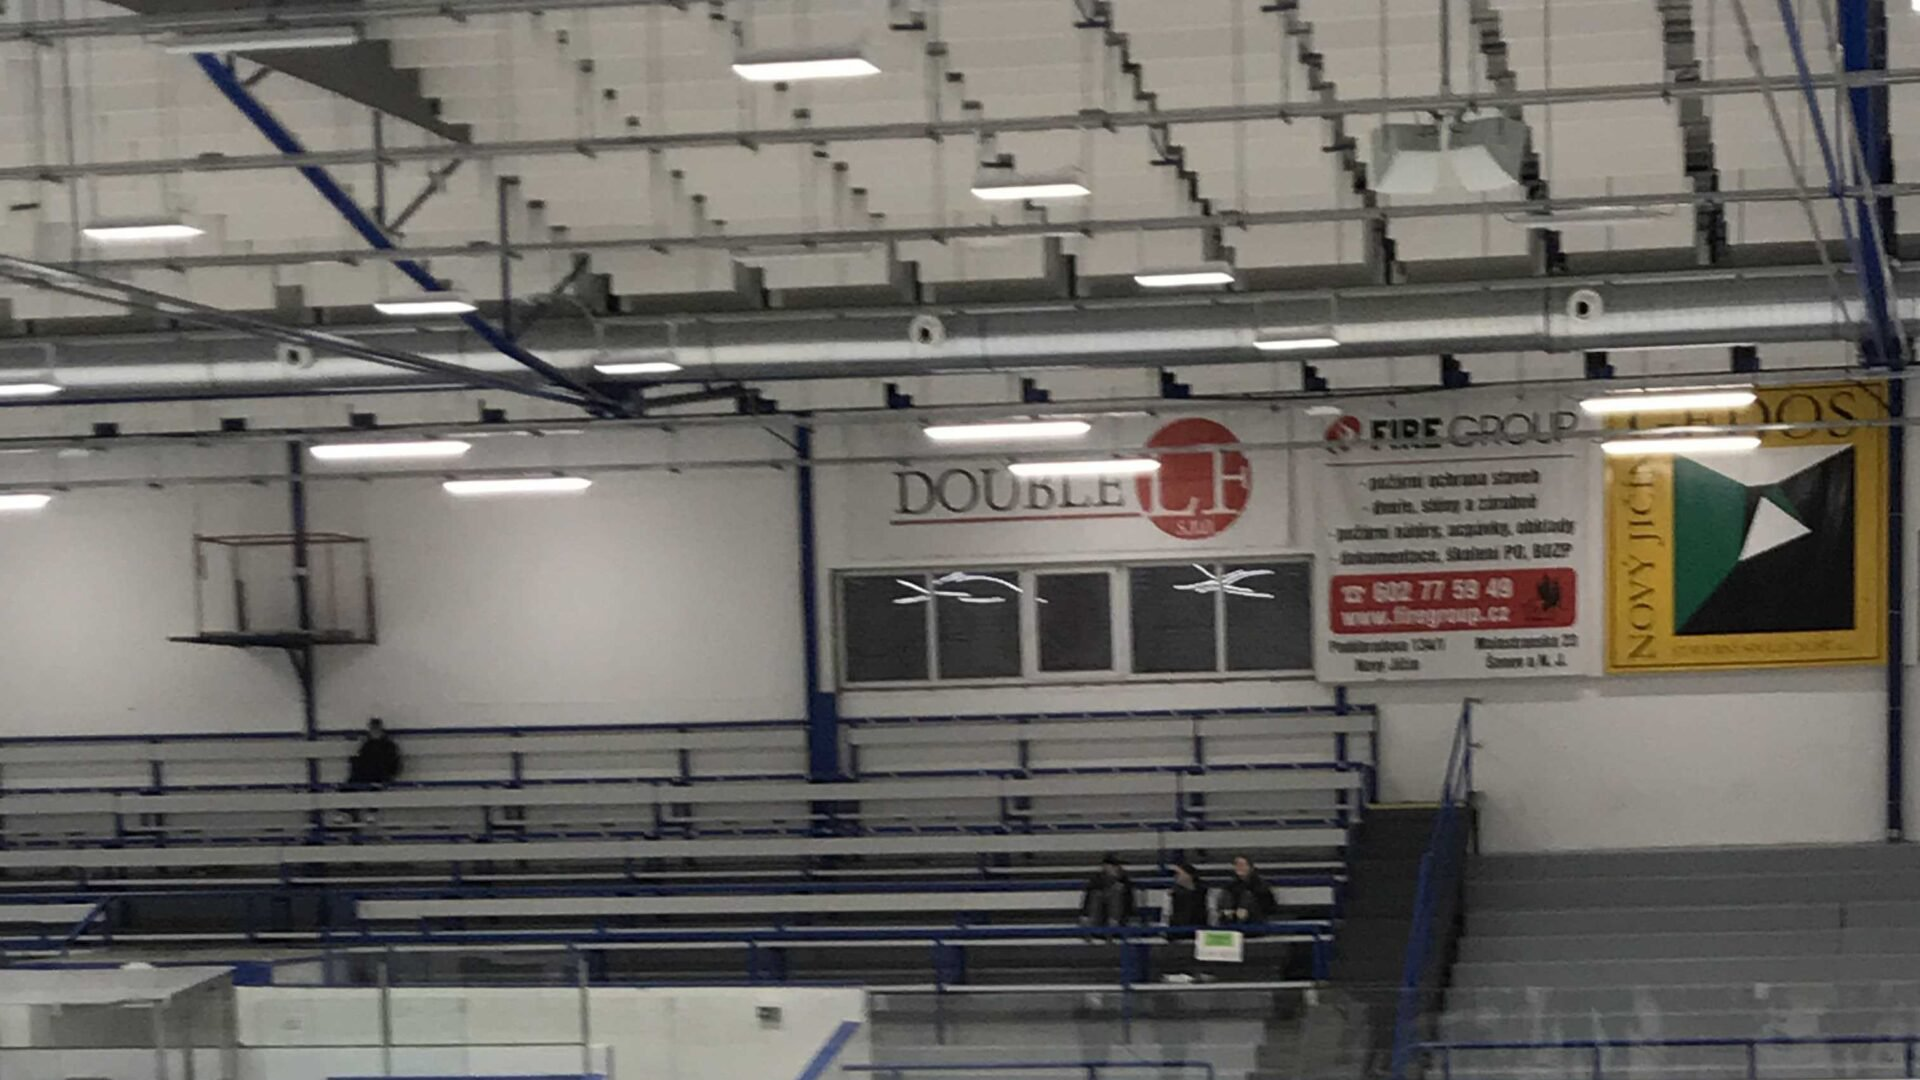 Novinka Èeského hokeje v podobì Skills kempù Na zimáku v Novém Jièínì